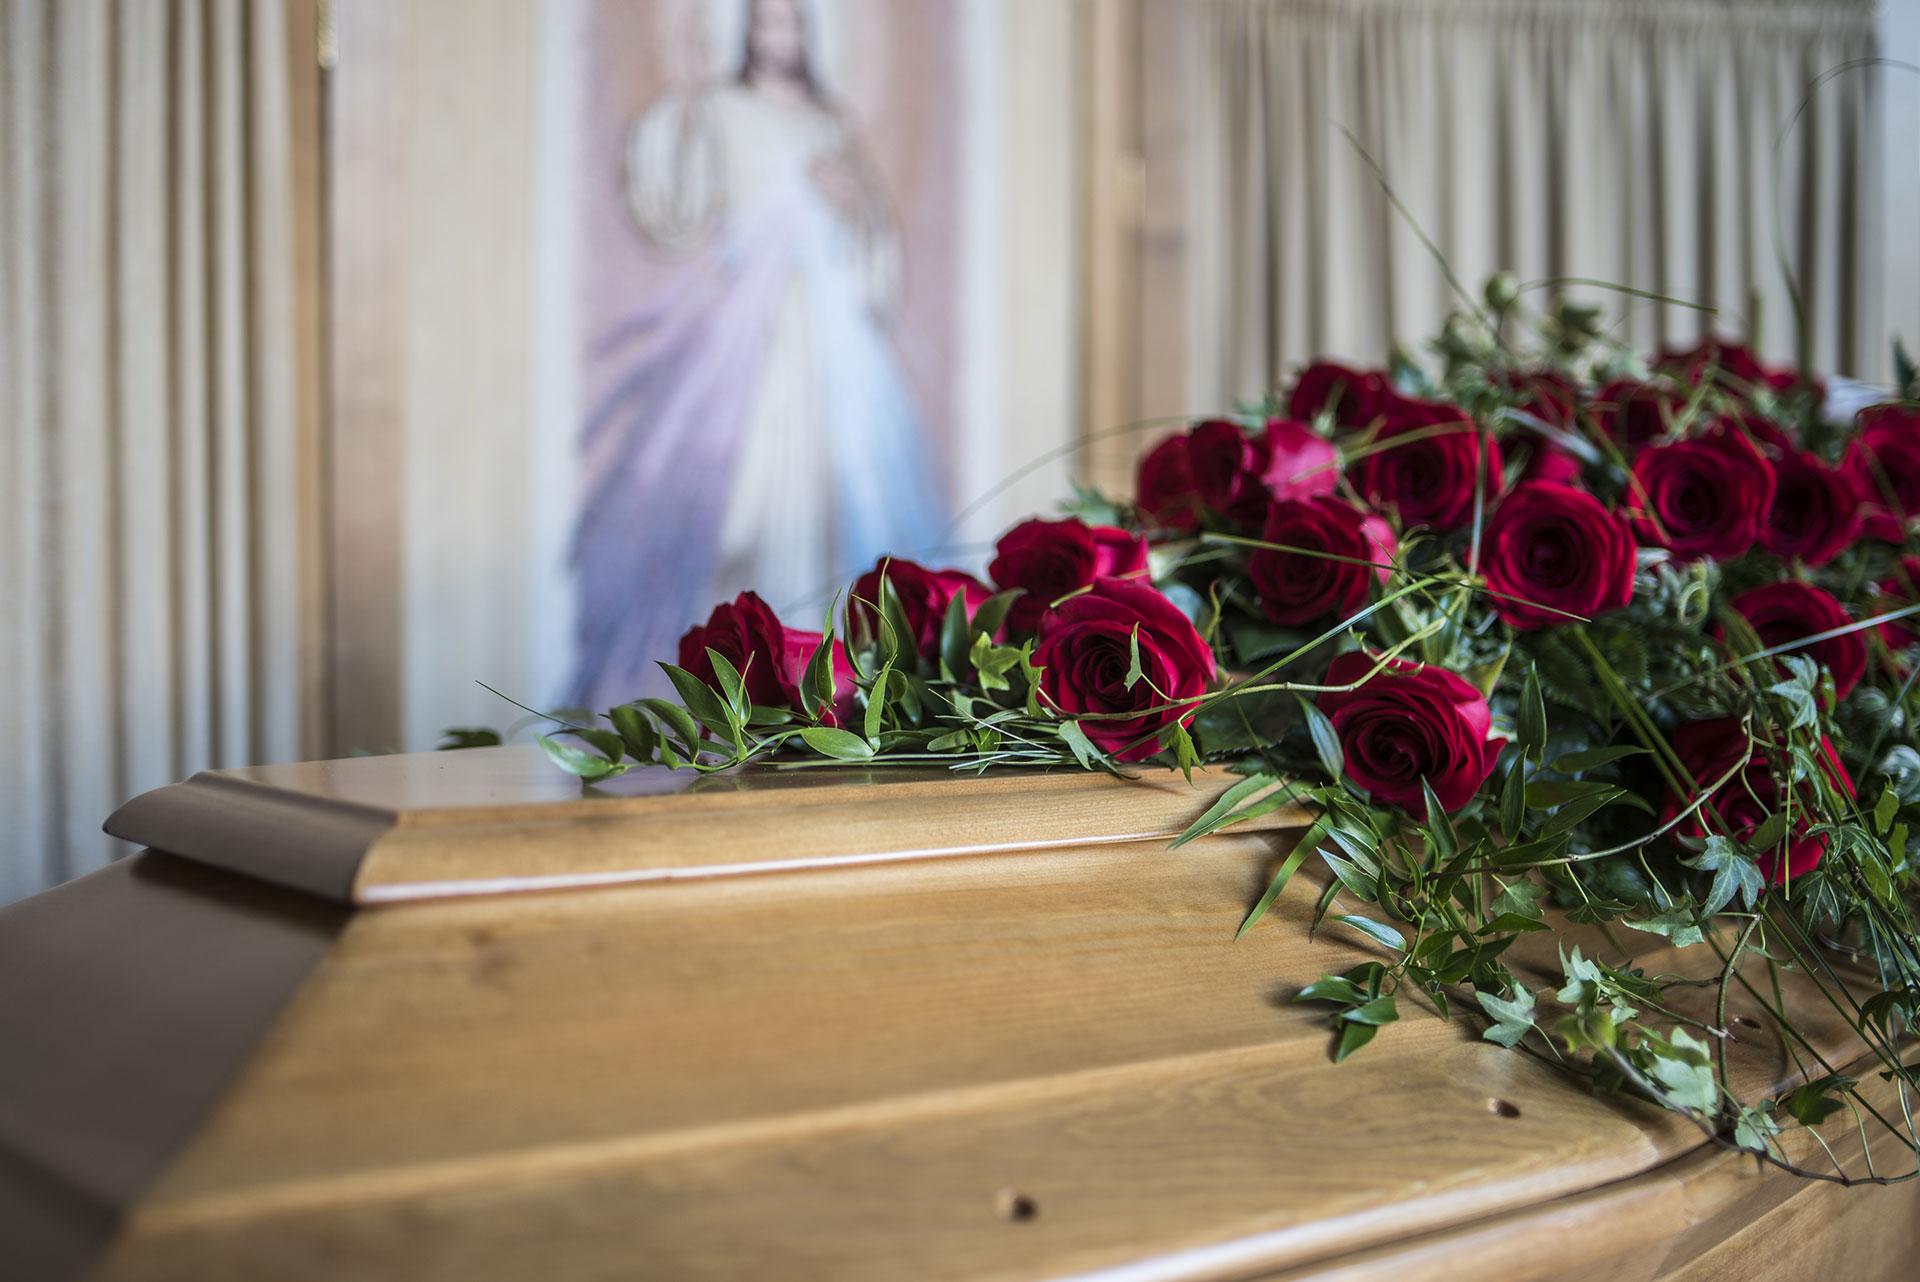 Onoranze funebri ad Anguillara Veneta